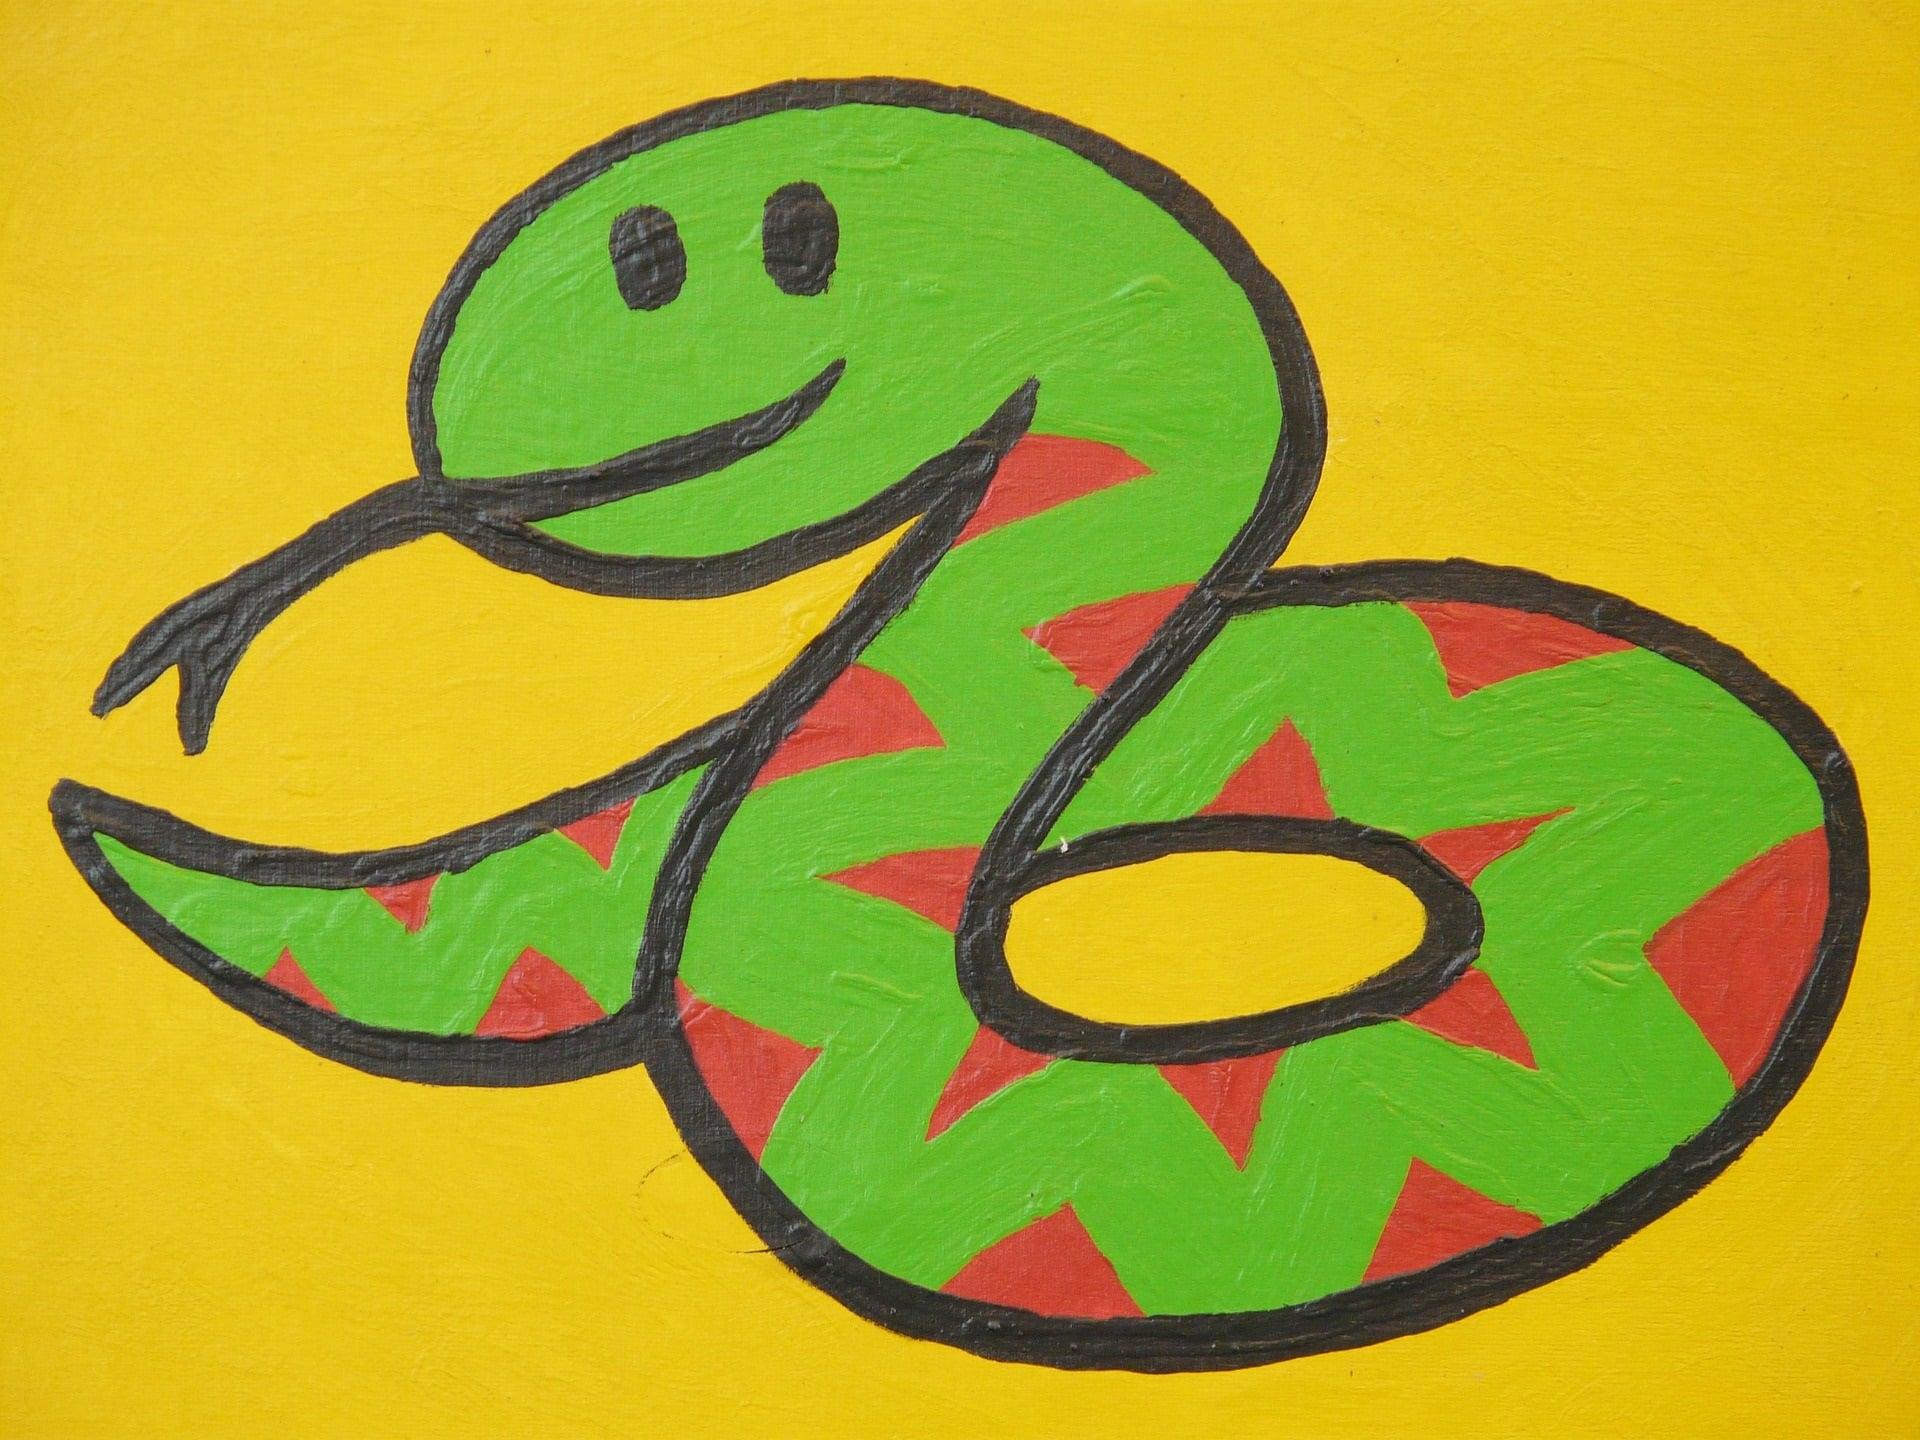 Kultowy Wąż a.k.a. Snake trafił do Map Google!